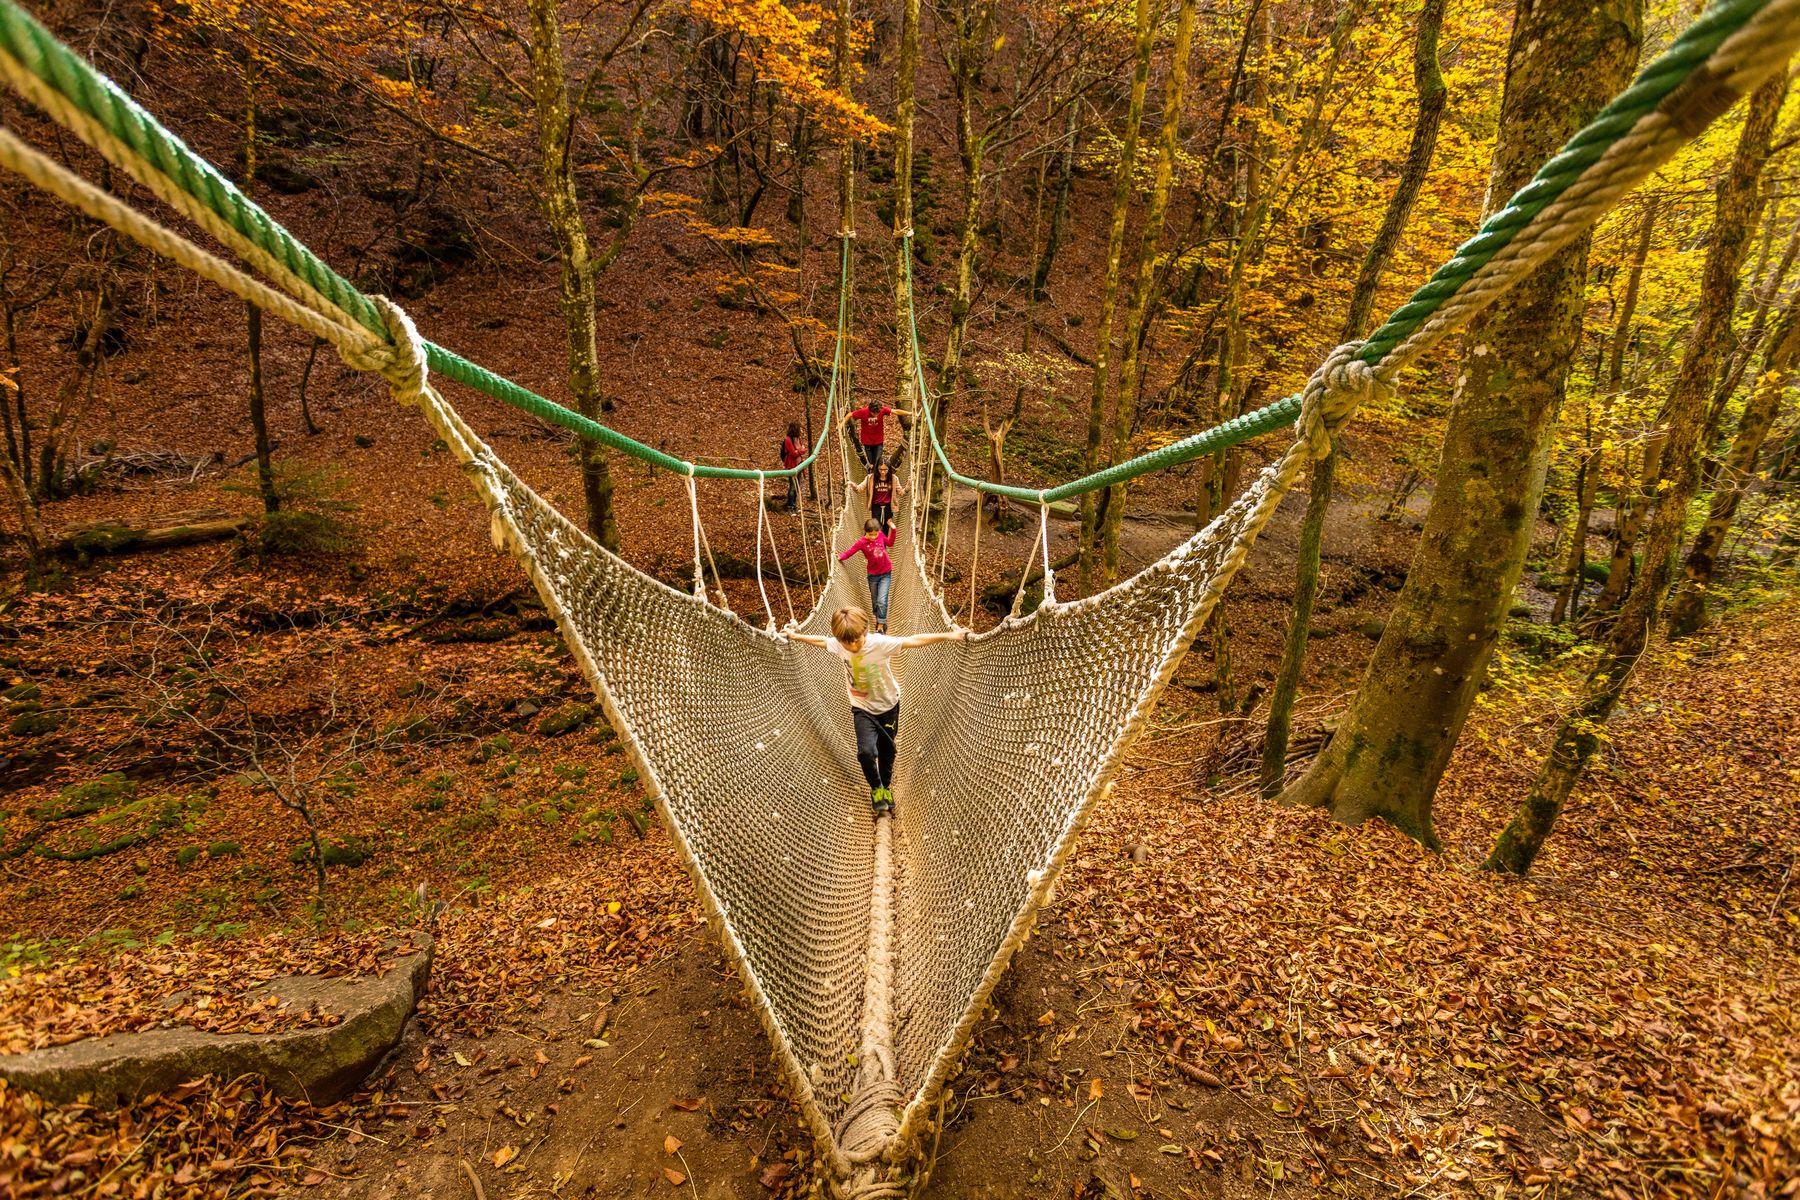 Pleine nature, détente et découverte artistique vous attendent au Vallon du Villaret à Bagnols les Bains, Lozère